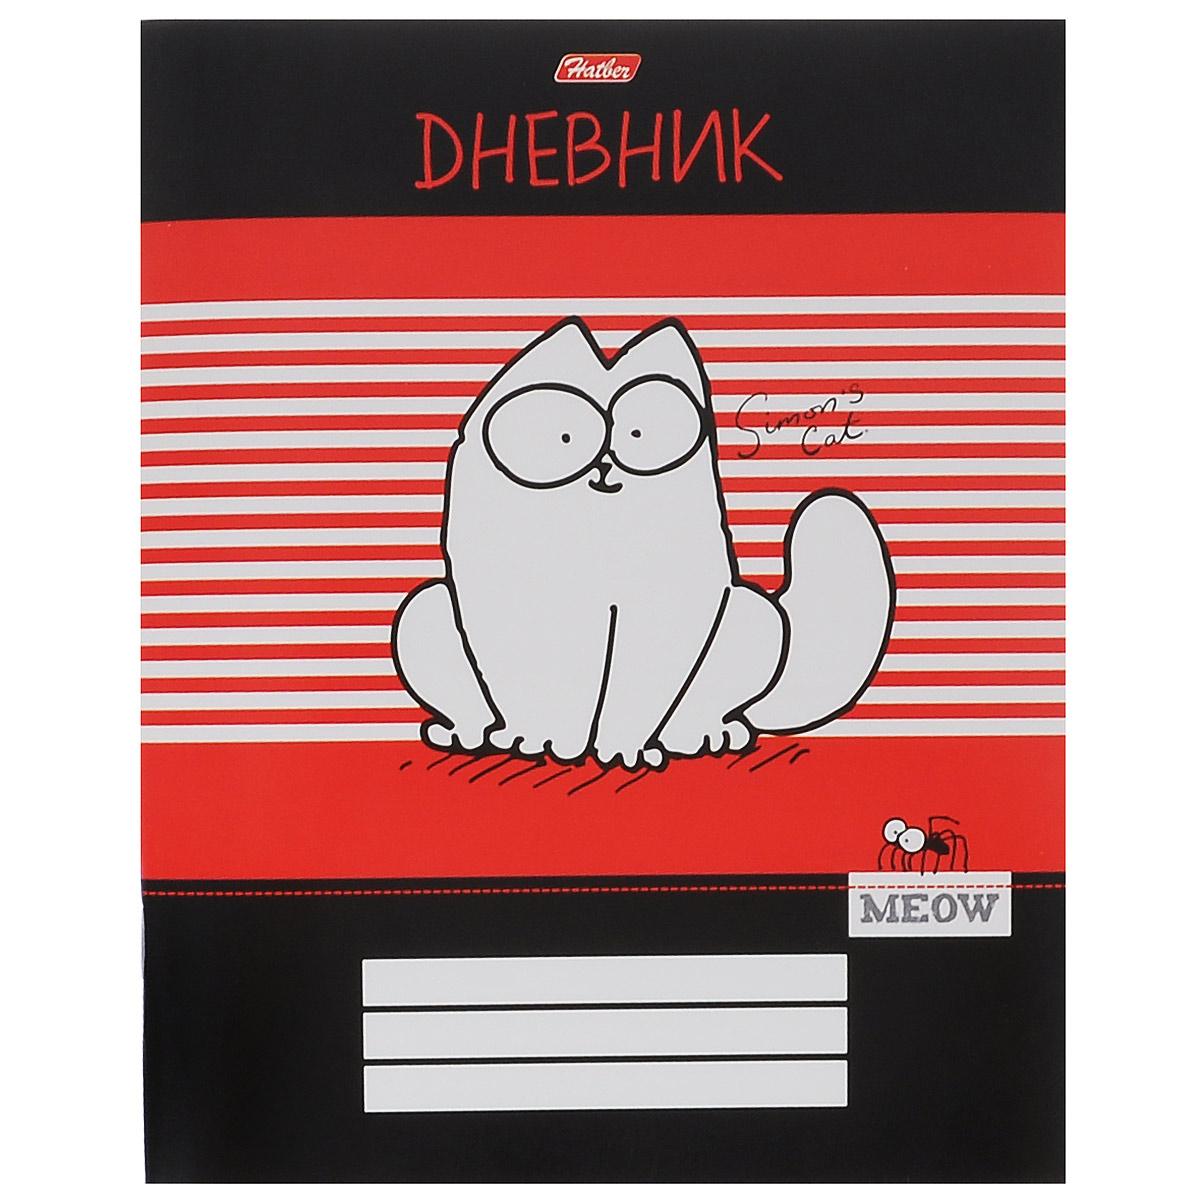 Дневник школьный Hatber Кот Саймона, цвет: черный, красный. 40Д5B_1213540Д5B_12135Школьный дневник Hatber Кот Саймона - первый ежедневник вашего ребенка. Он поможет ему не забыть свои задания, а вы всегда сможете проконтролировать его успеваемость. Дневник предназначен для учеников 1-11 классов. Внутренний блок дневника состоит из 40 листов белой бумаги с линовкой синего цвета и прошит металлическими скрепками. Обложка выполнена из мелованного картона. В структуру дневника входят все необходимые разделы: информация о личных данных ученика, школе и педагогах, друзьях и одноклассниках, расписание факультативов и занятий по четвертям. Дневник содержит номера телефонов экстренной помощи и даты государственных праздников. В конце дневника имеются сведения об успеваемости. Дневник Hatber Кот Саймона станет надежным помощником ребенка в получении новых знаний и принесет радость своему хозяину в учебные будни. Рекомендуемый возраст: от 6 лет.